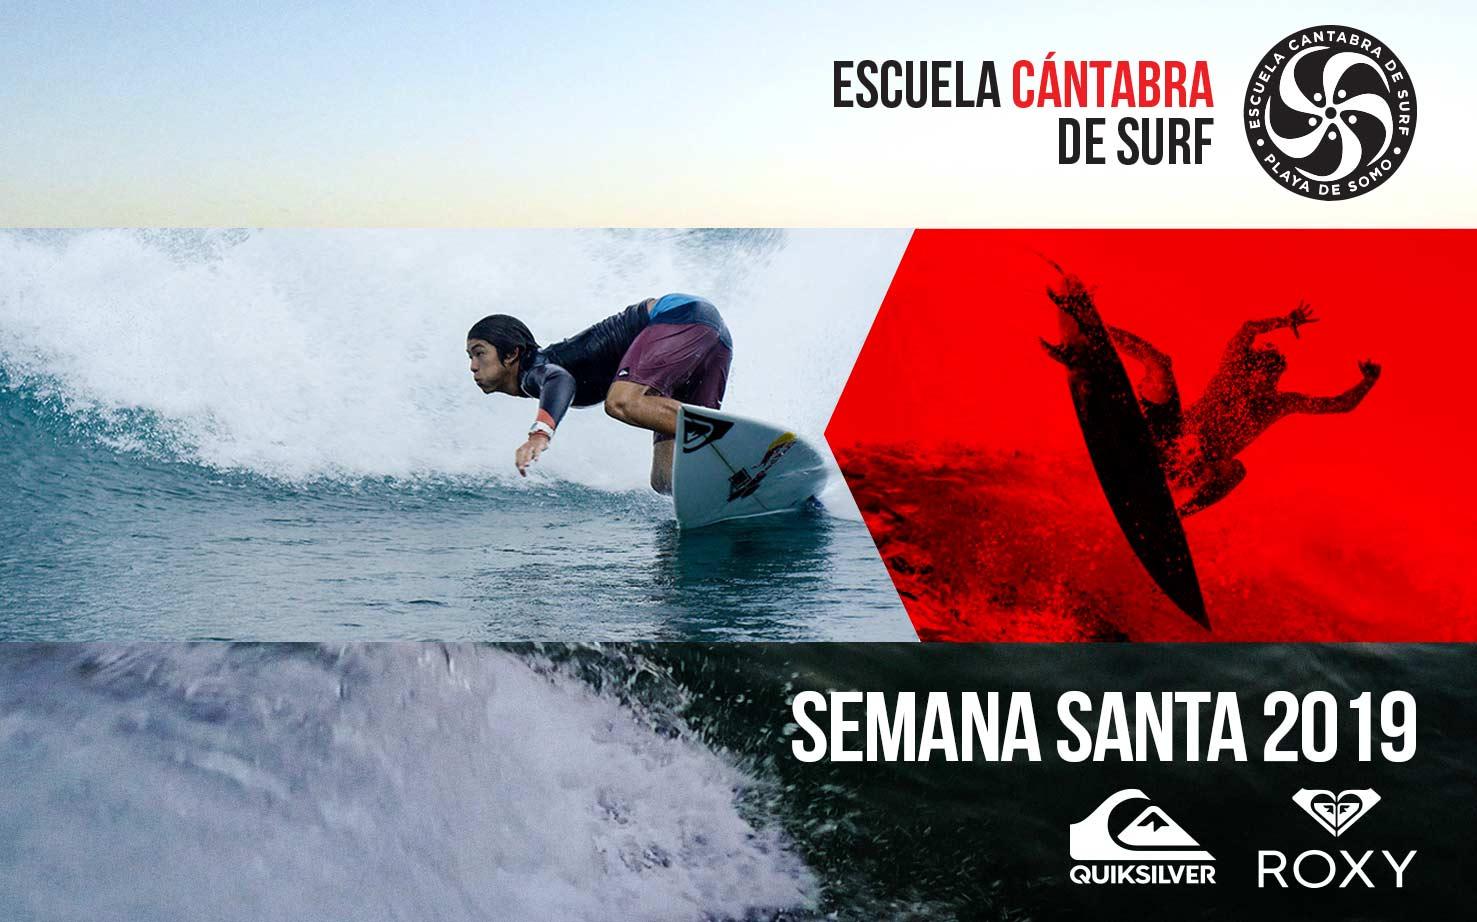 SEMANA SANTA EN LA ESCUELA CANTABRA DE SURF